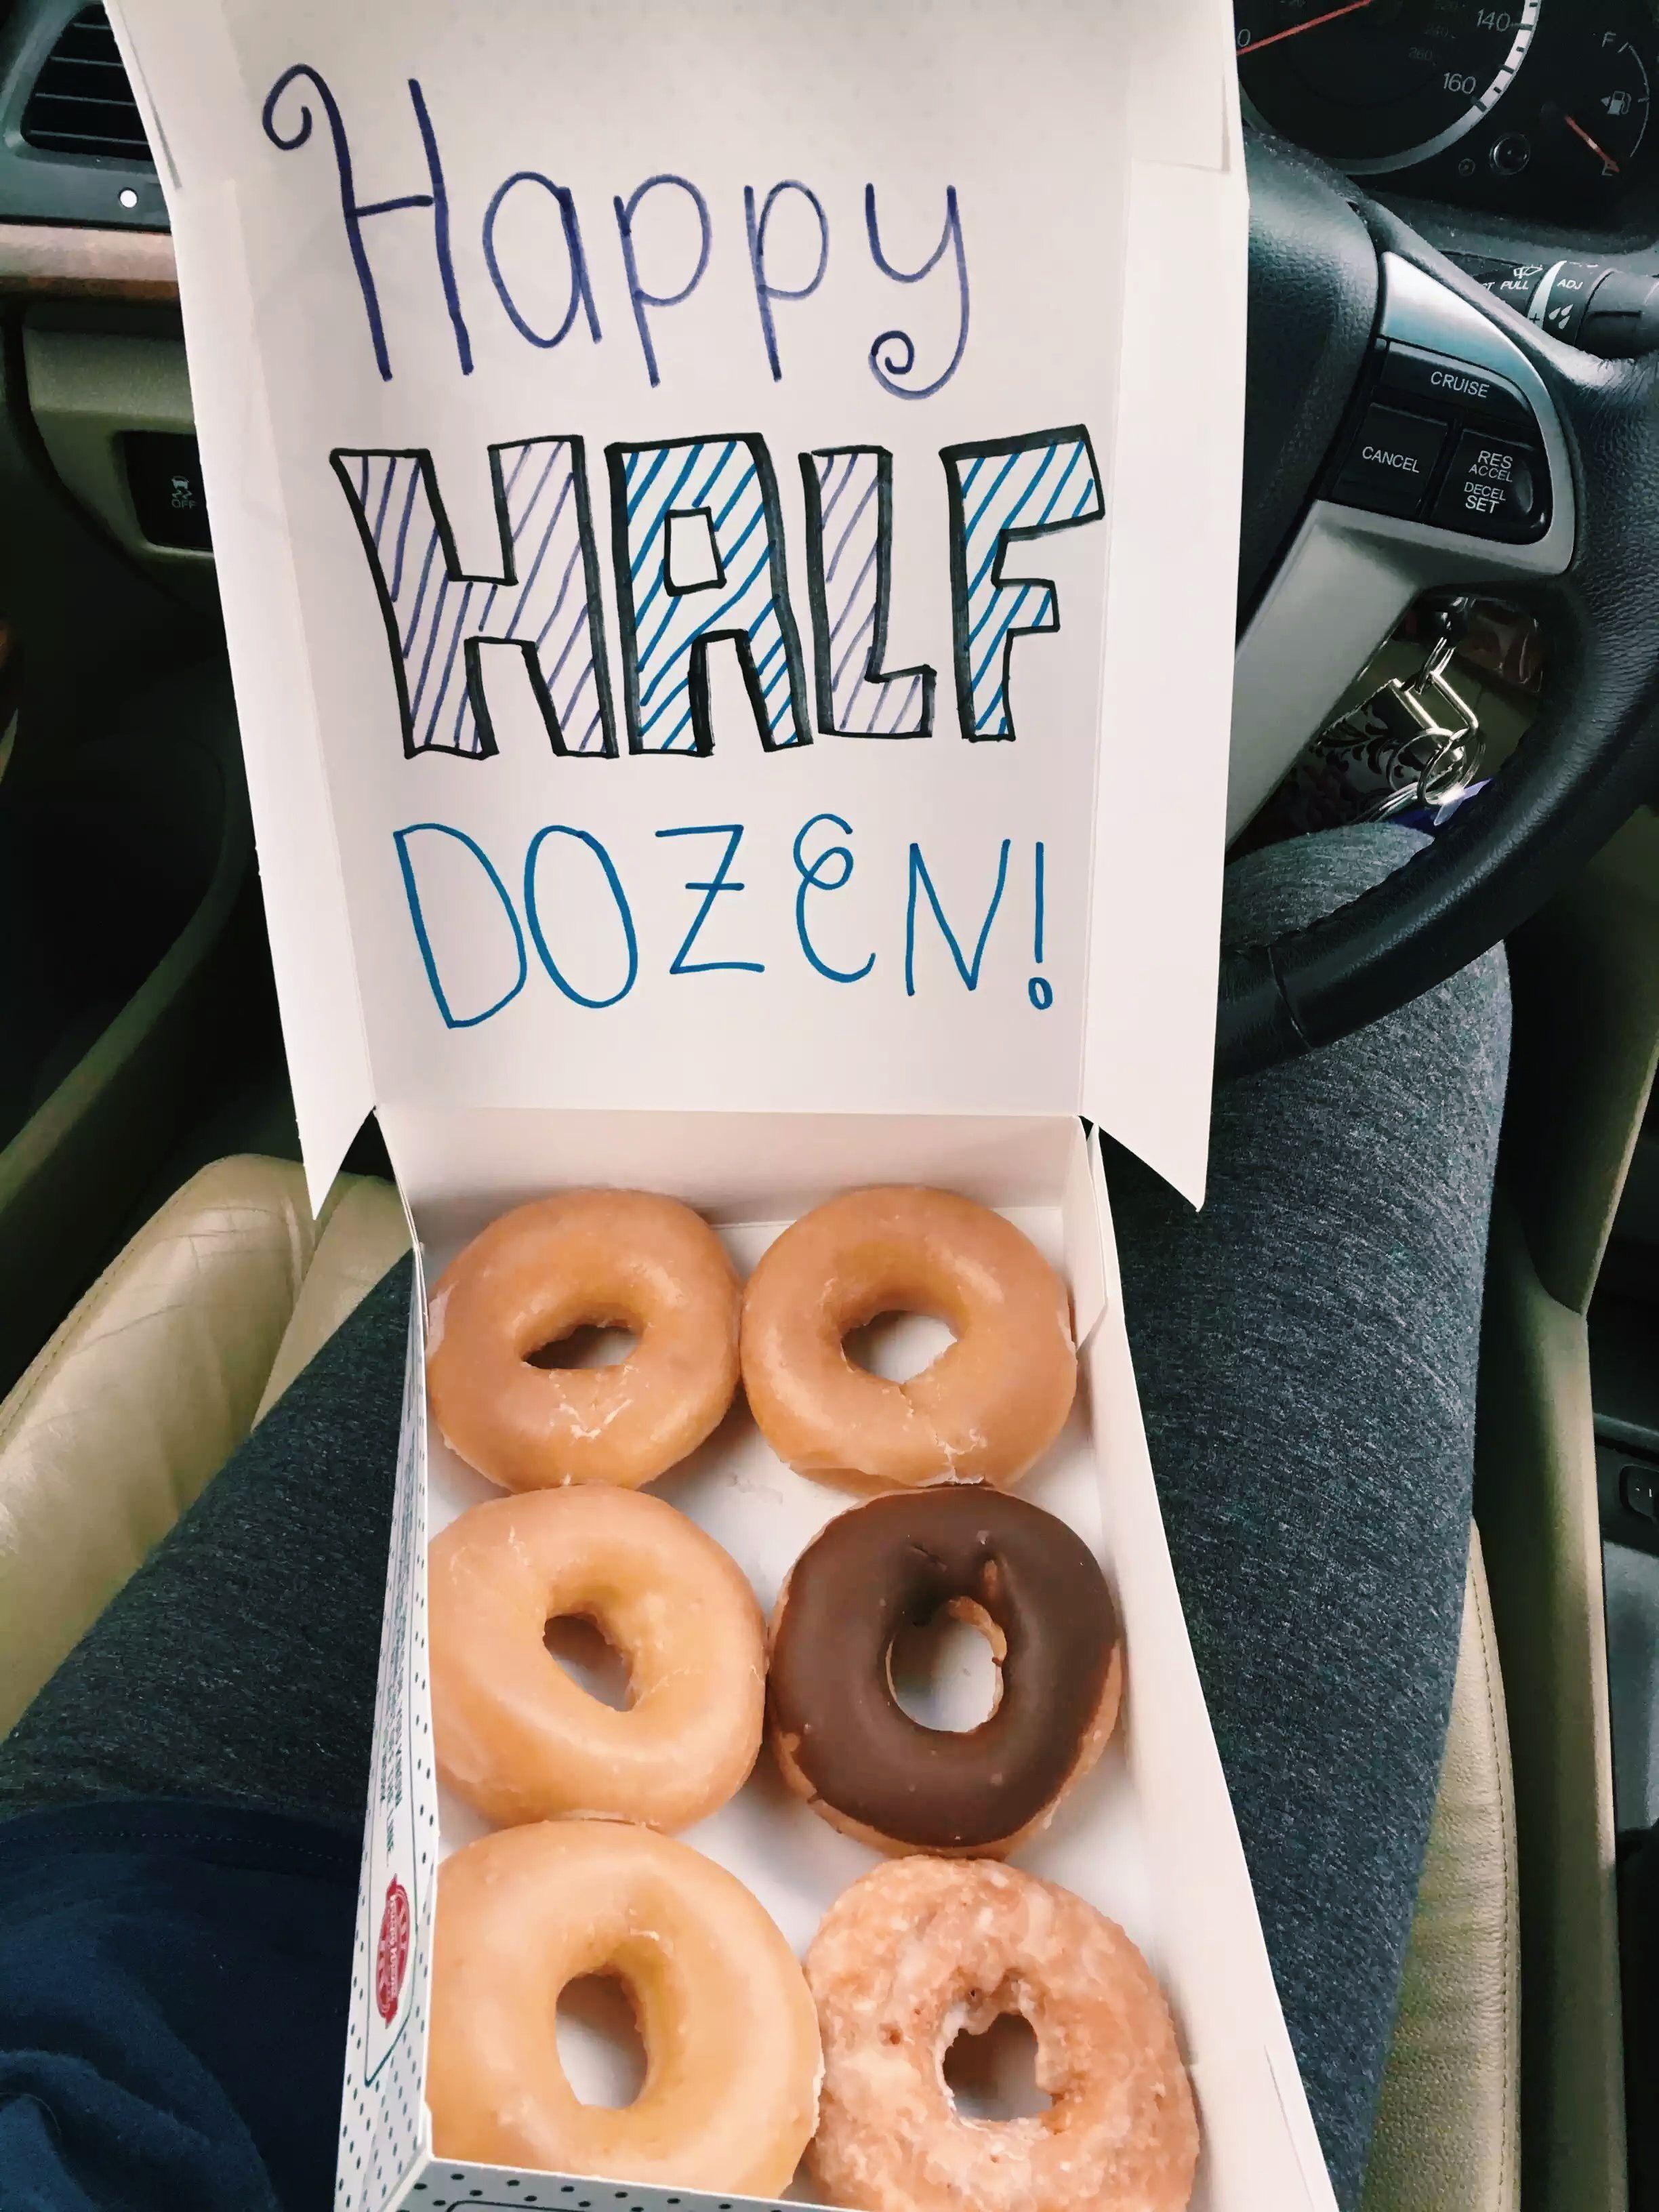 6 Month Anniversary Idea Love 6months Anniversary Donuts Anniversaryideas Ideas 6 Month Anniversary Cute Boyfriend Gifts 6 Month Anniversary Boyfriend